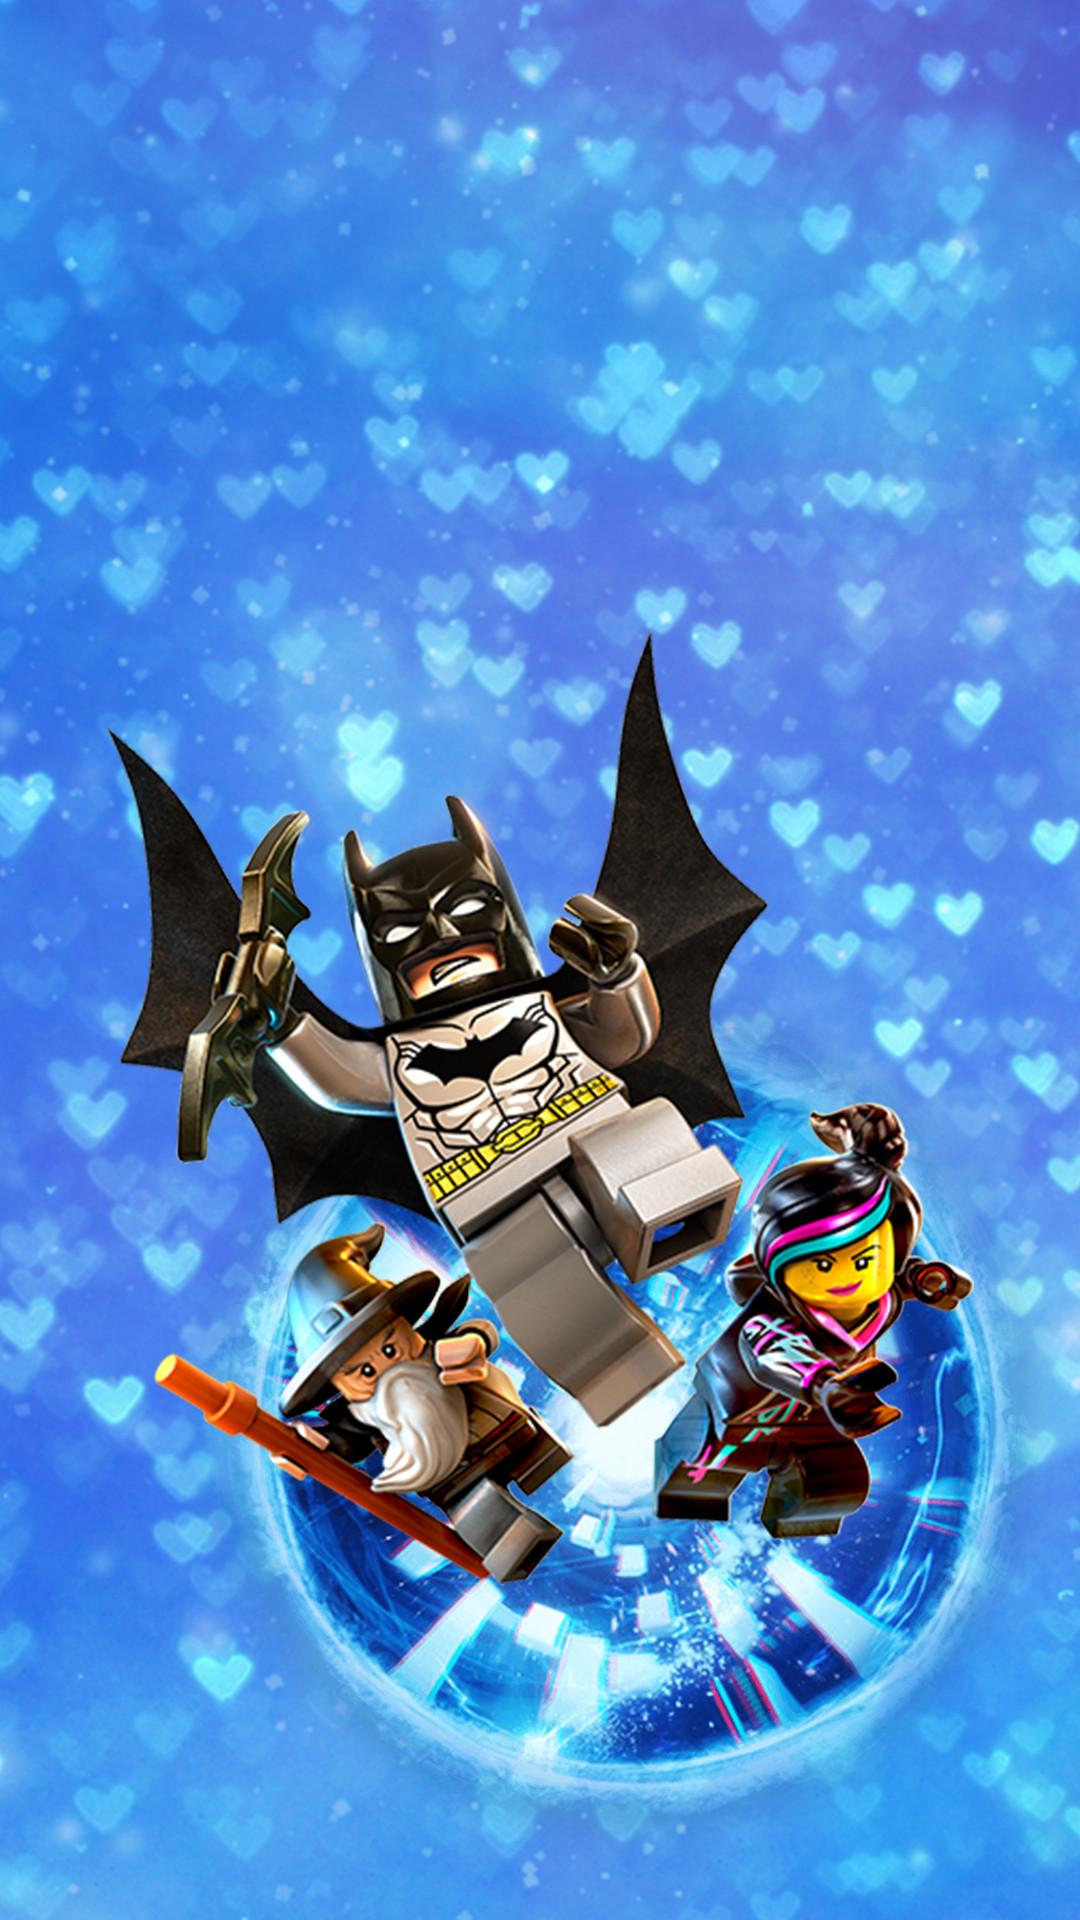 Trio Valentine Wallpaper Lego Dimensions